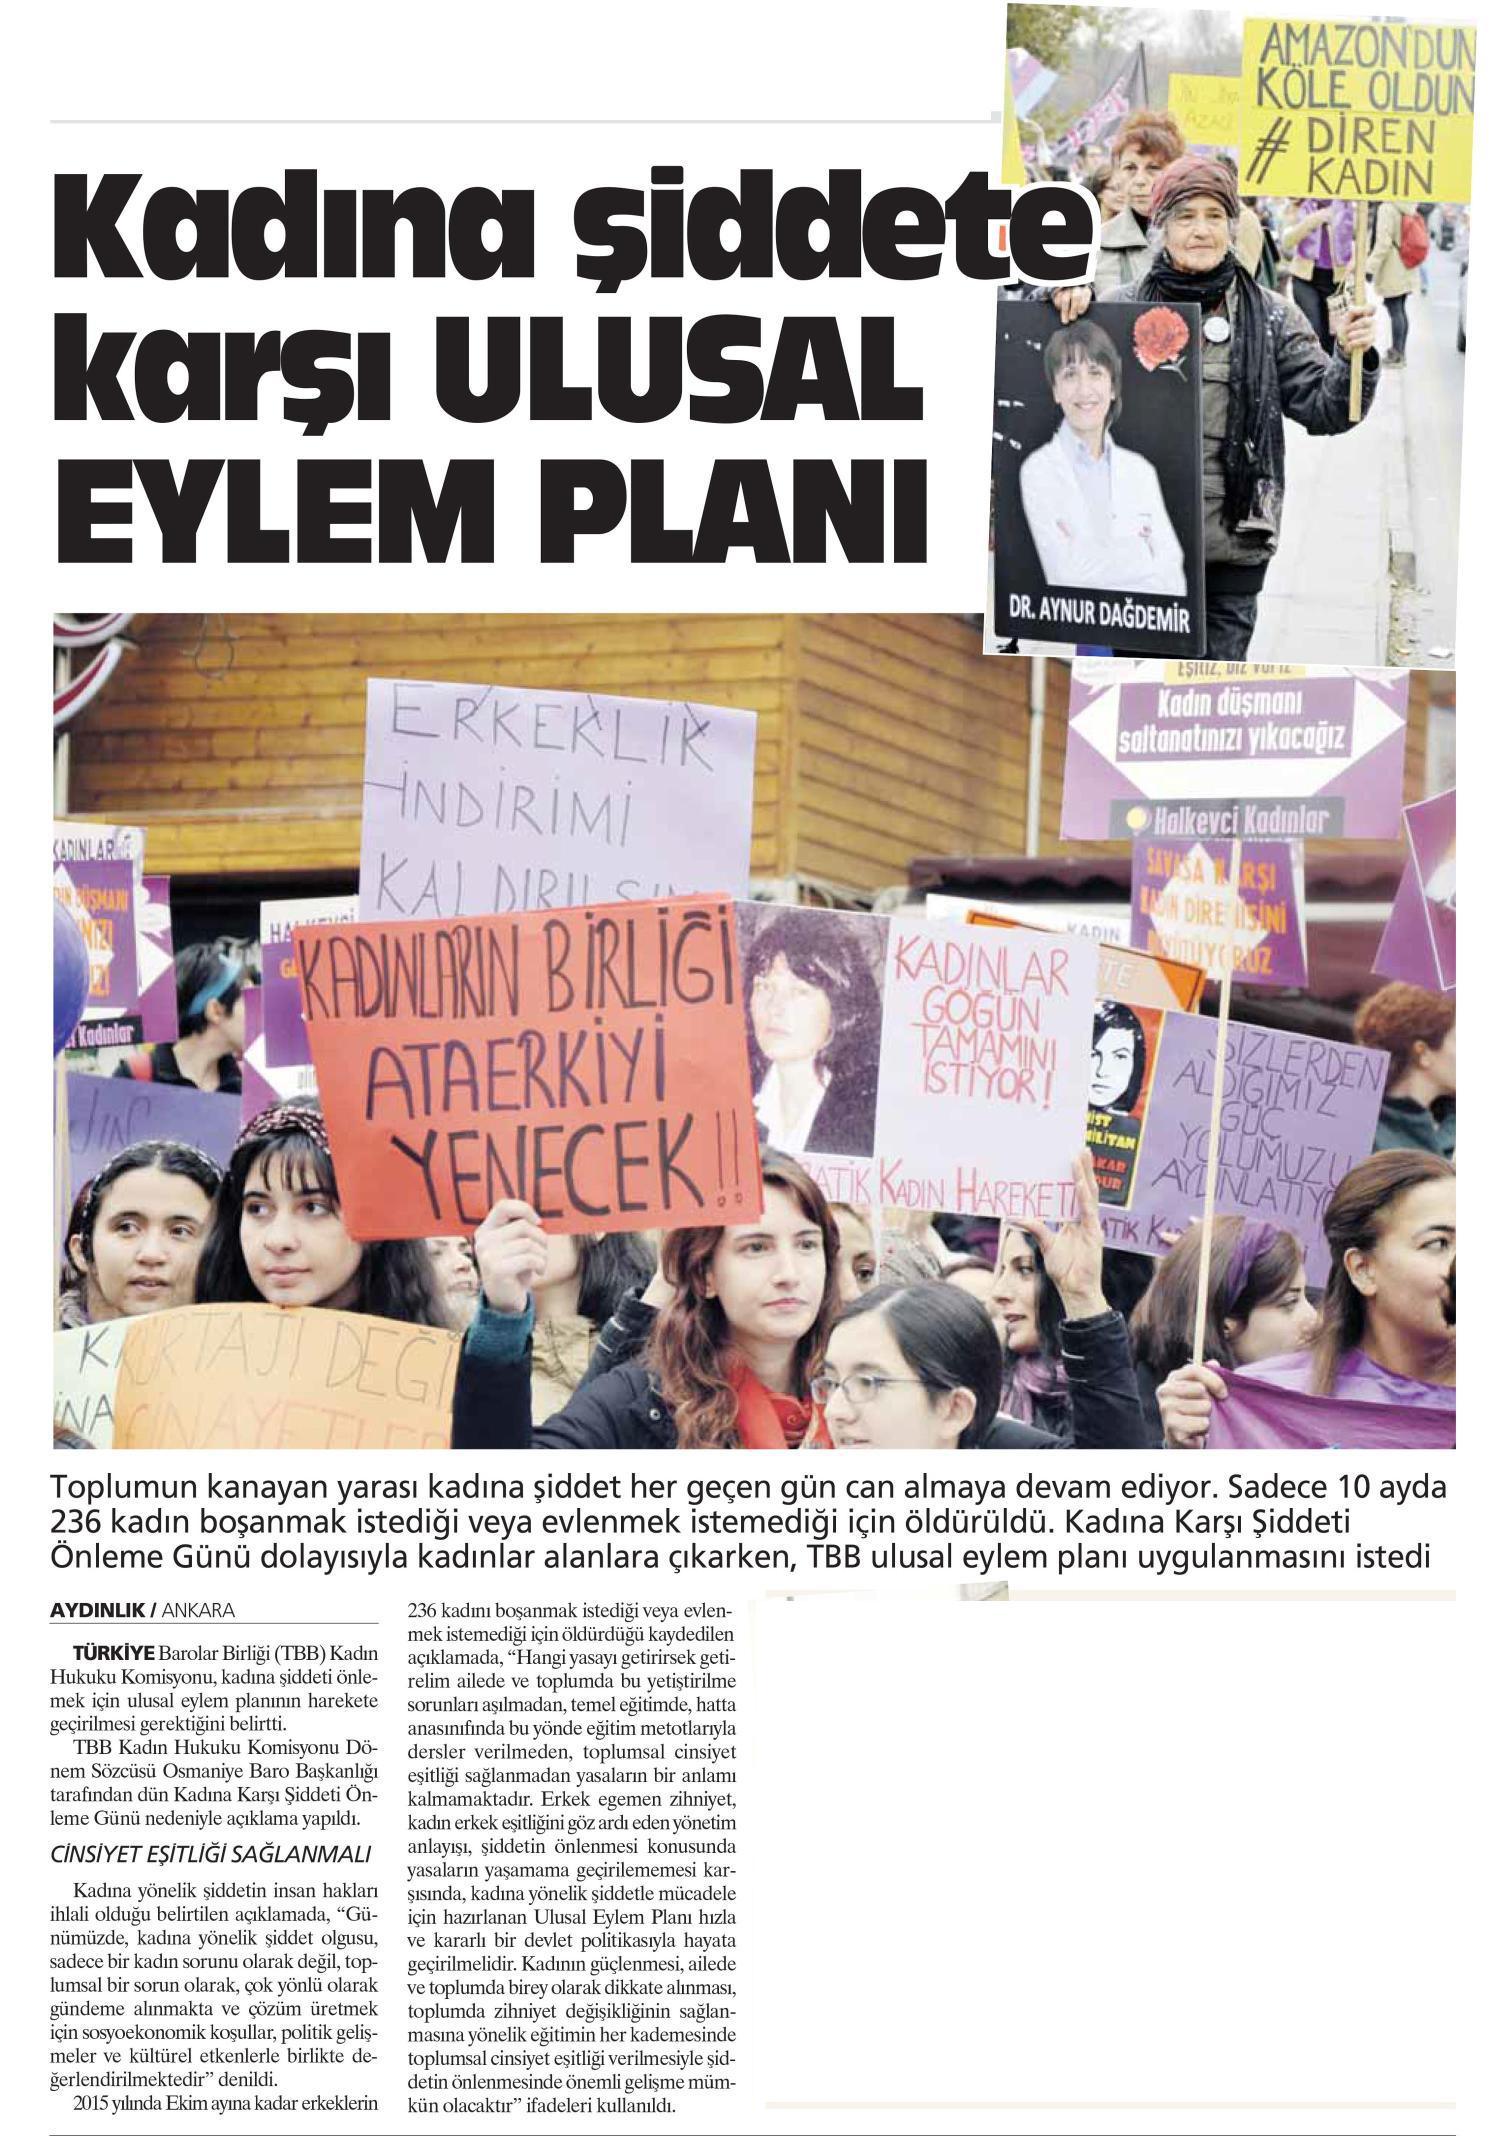 Ayd�nl�k Gazetesi, Kad�na �iddete kar�� ULUSAL EYLEM PLANI